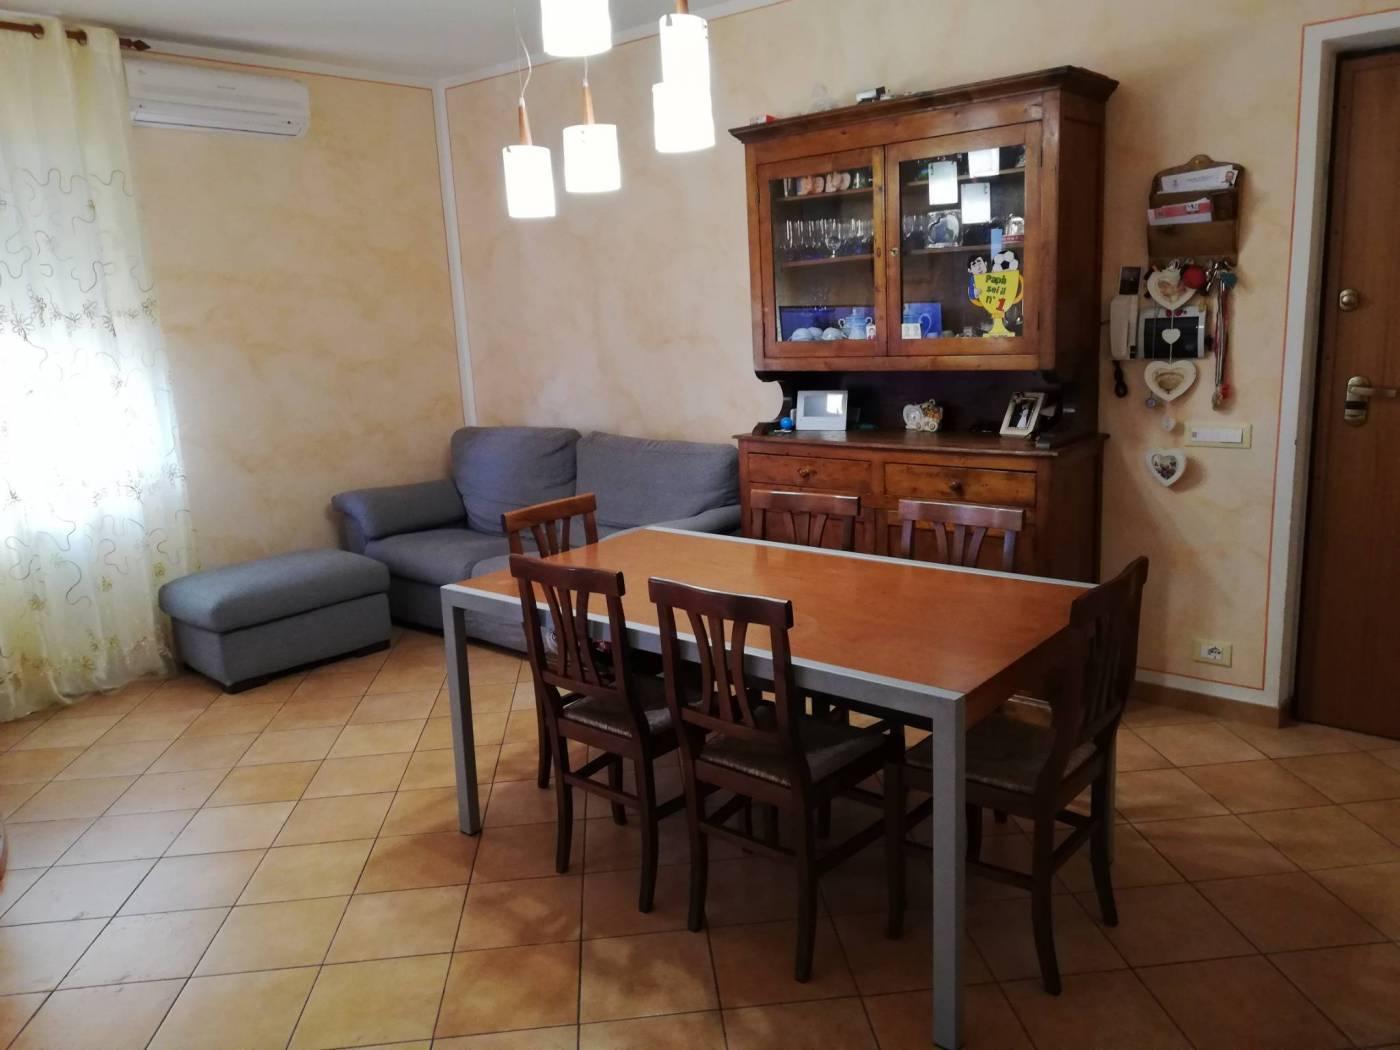 Appartamento in vendita a Spoleto, 5 locali, zona Località: PERIFERIA, prezzo € 128.000 | CambioCasa.it